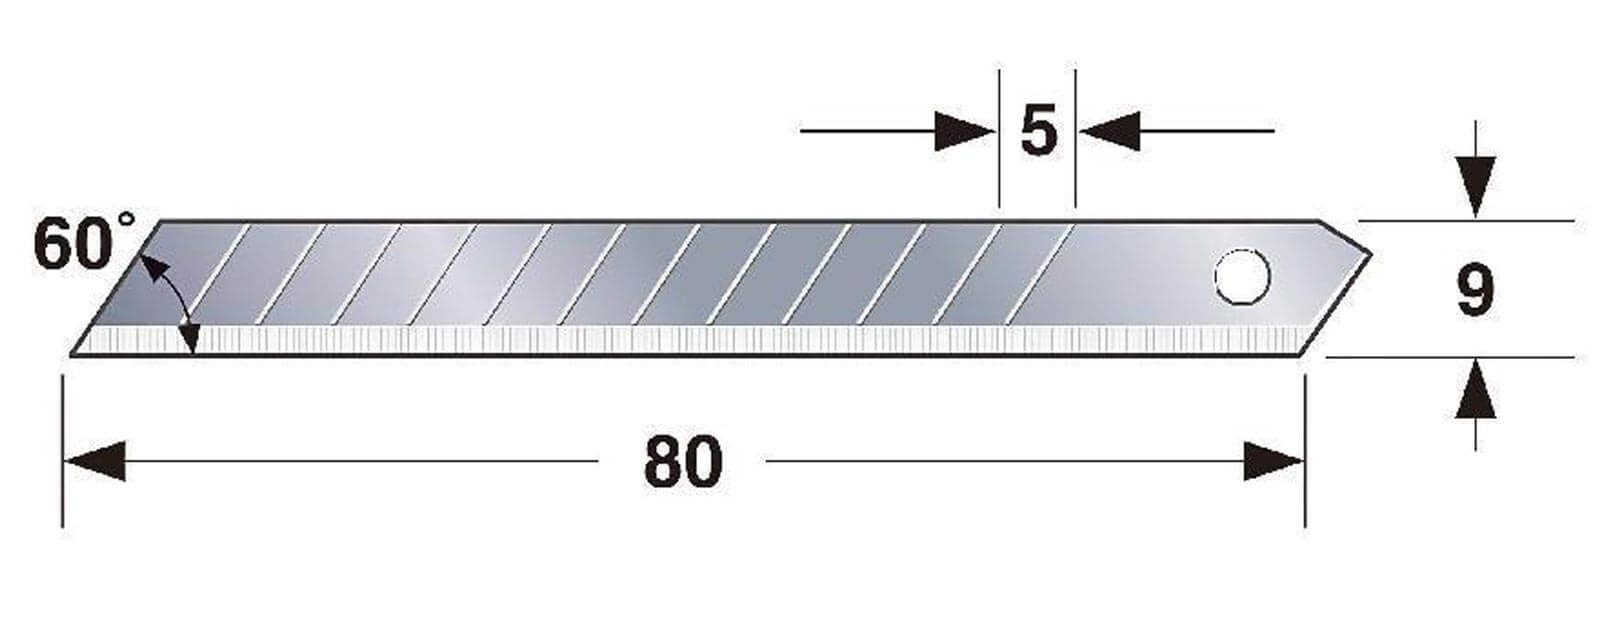 K061-Cuttermesser-Klinge-9mm-Tajima-LCB-30-Abmessungen-CURT-tools_1600